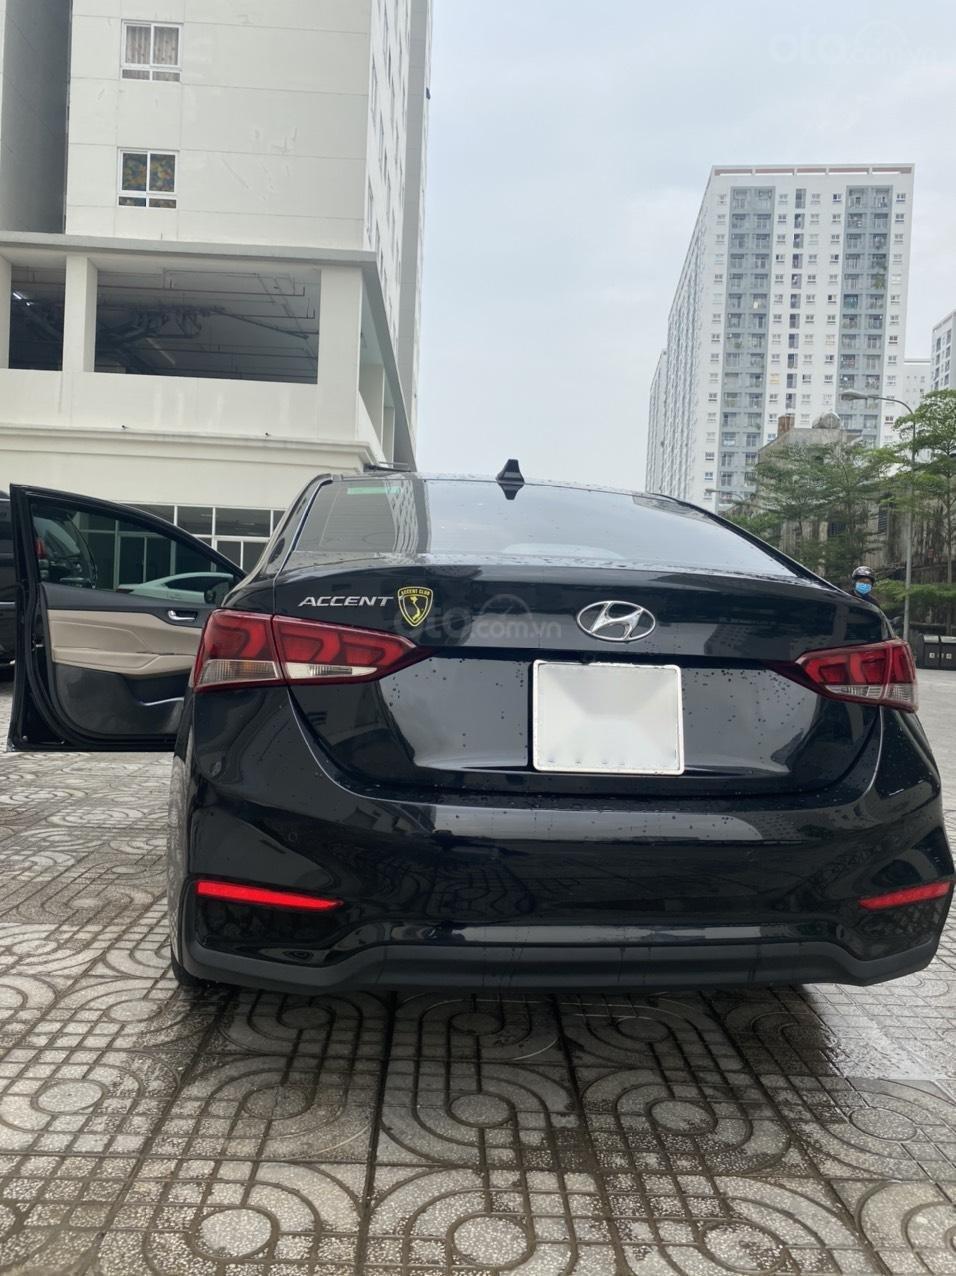 Bán gấp Hyundai Accent Full đời 2019, xe lăn bánh 30.000km còn như mới, hỗ trợ vay ngân hàng lãi suất cực ưu đãi (3)